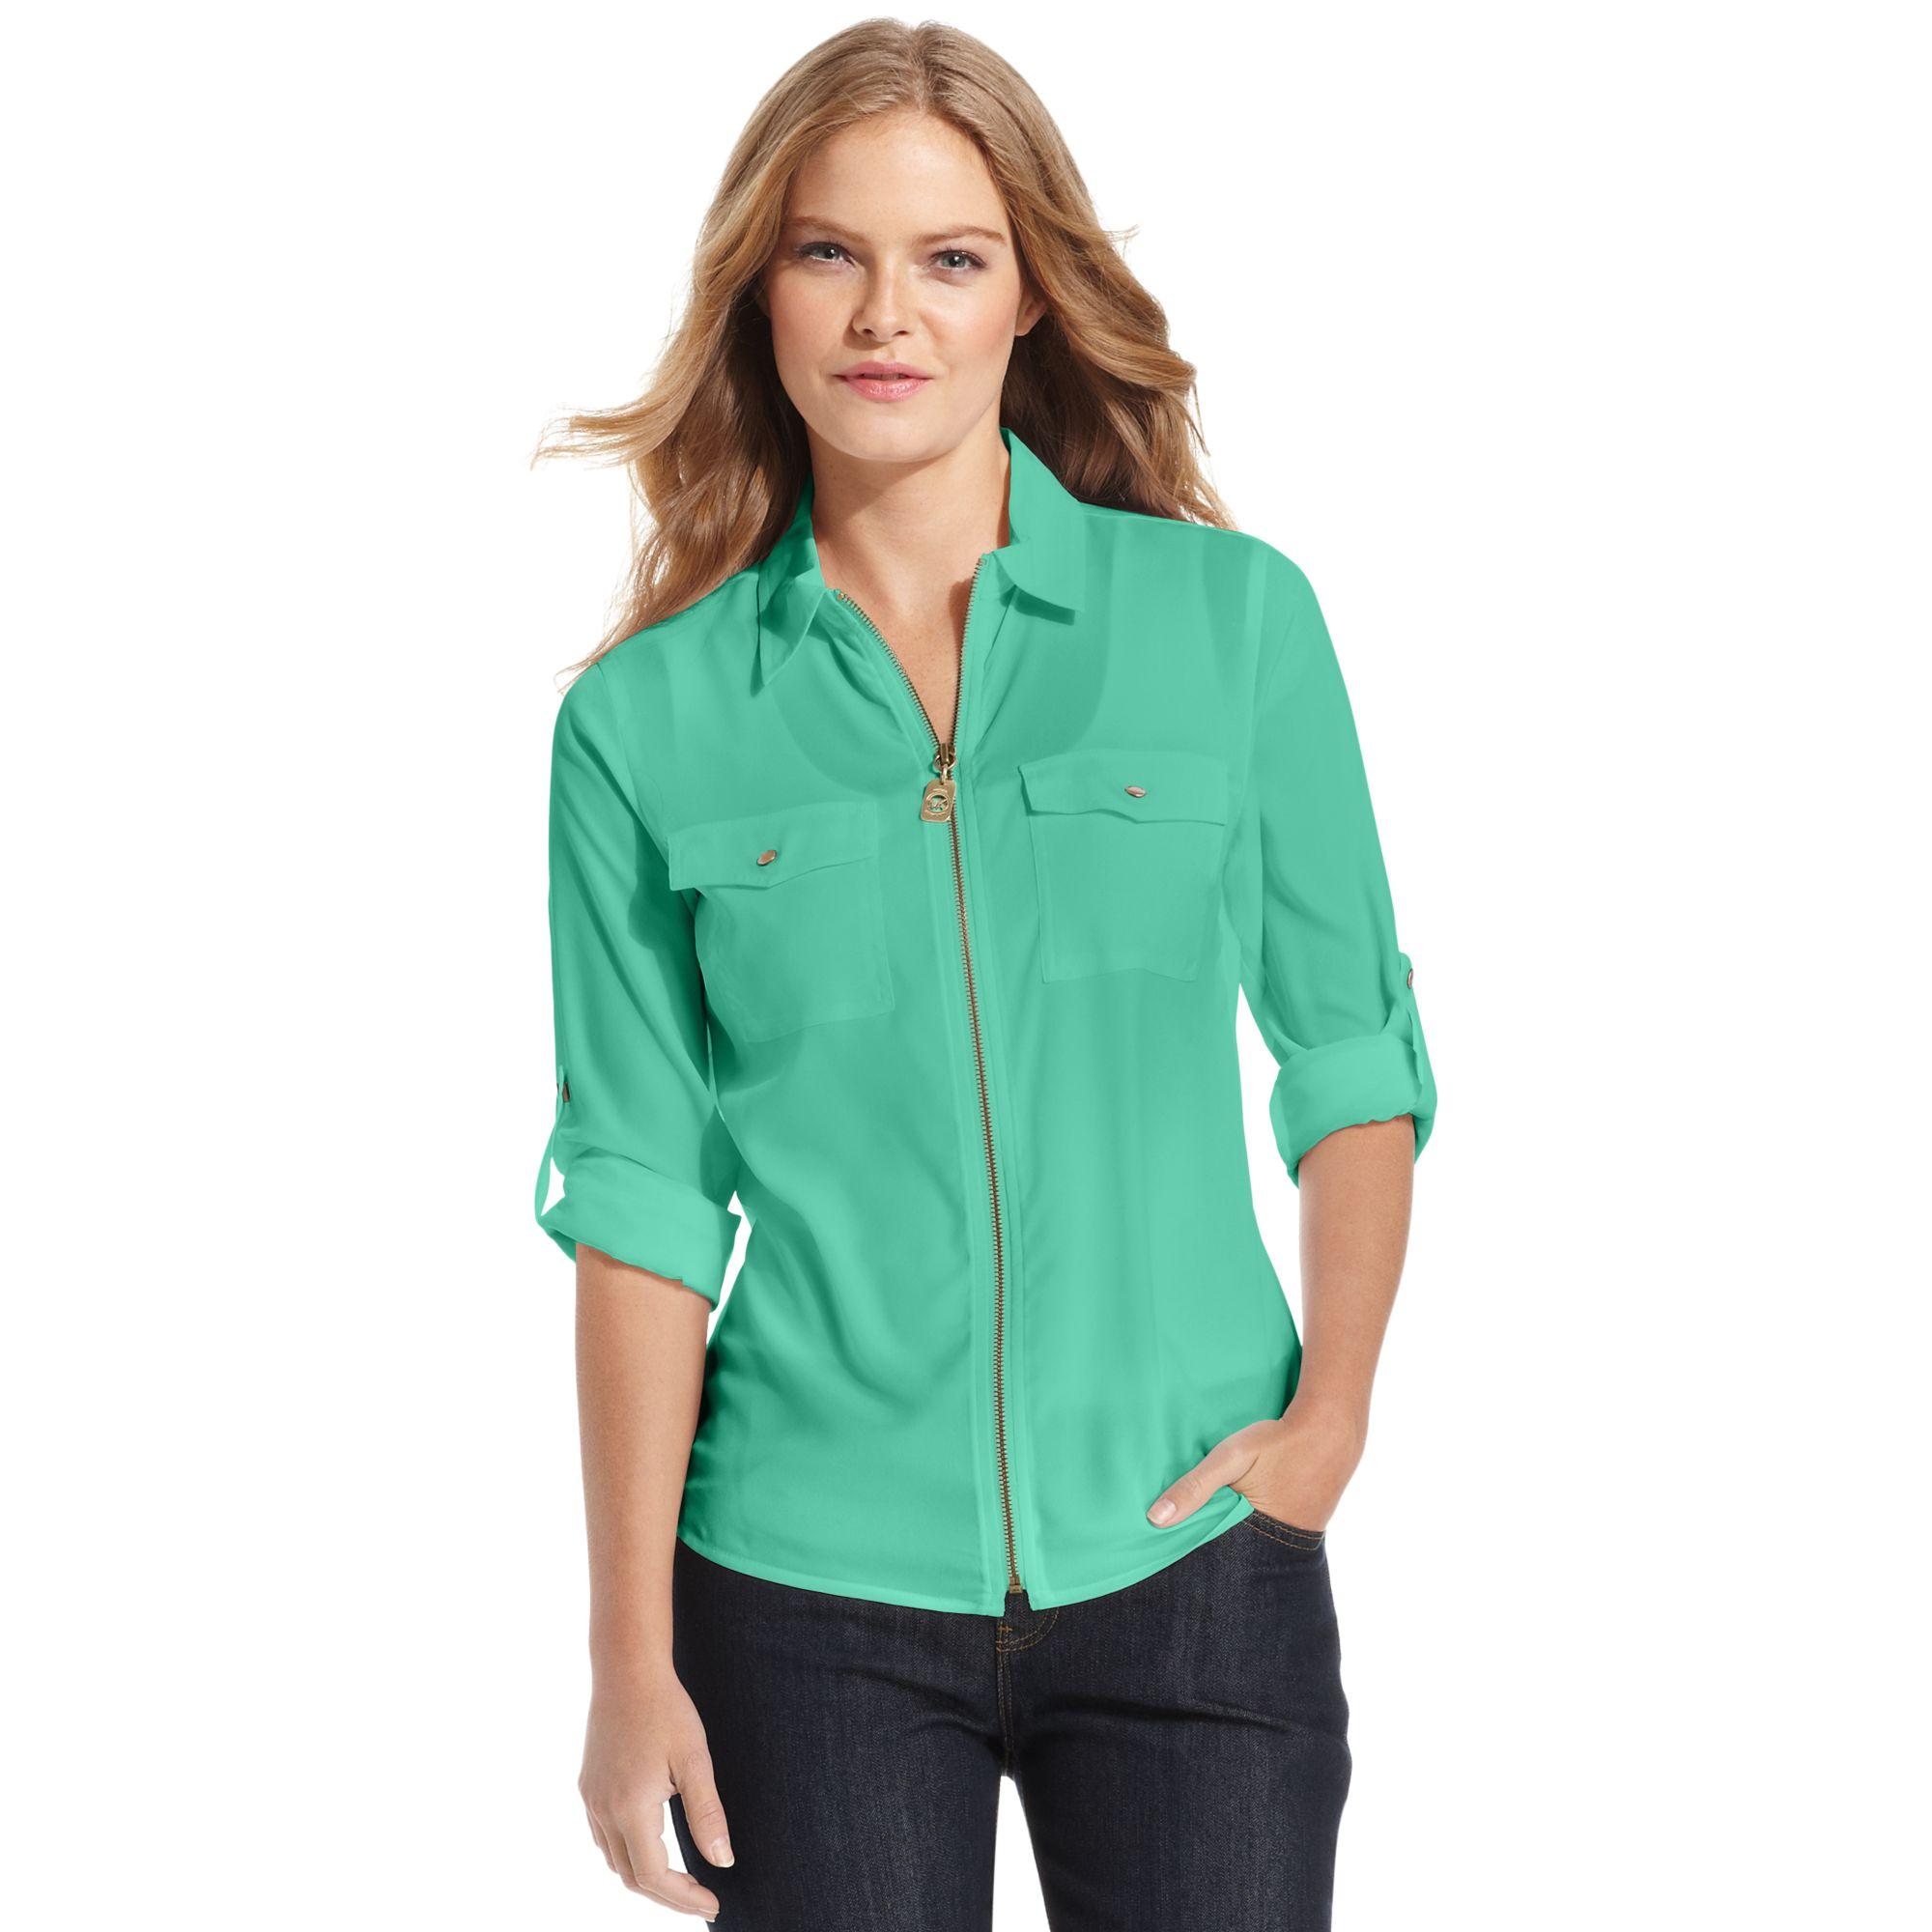 Nike Golf Shirts Women